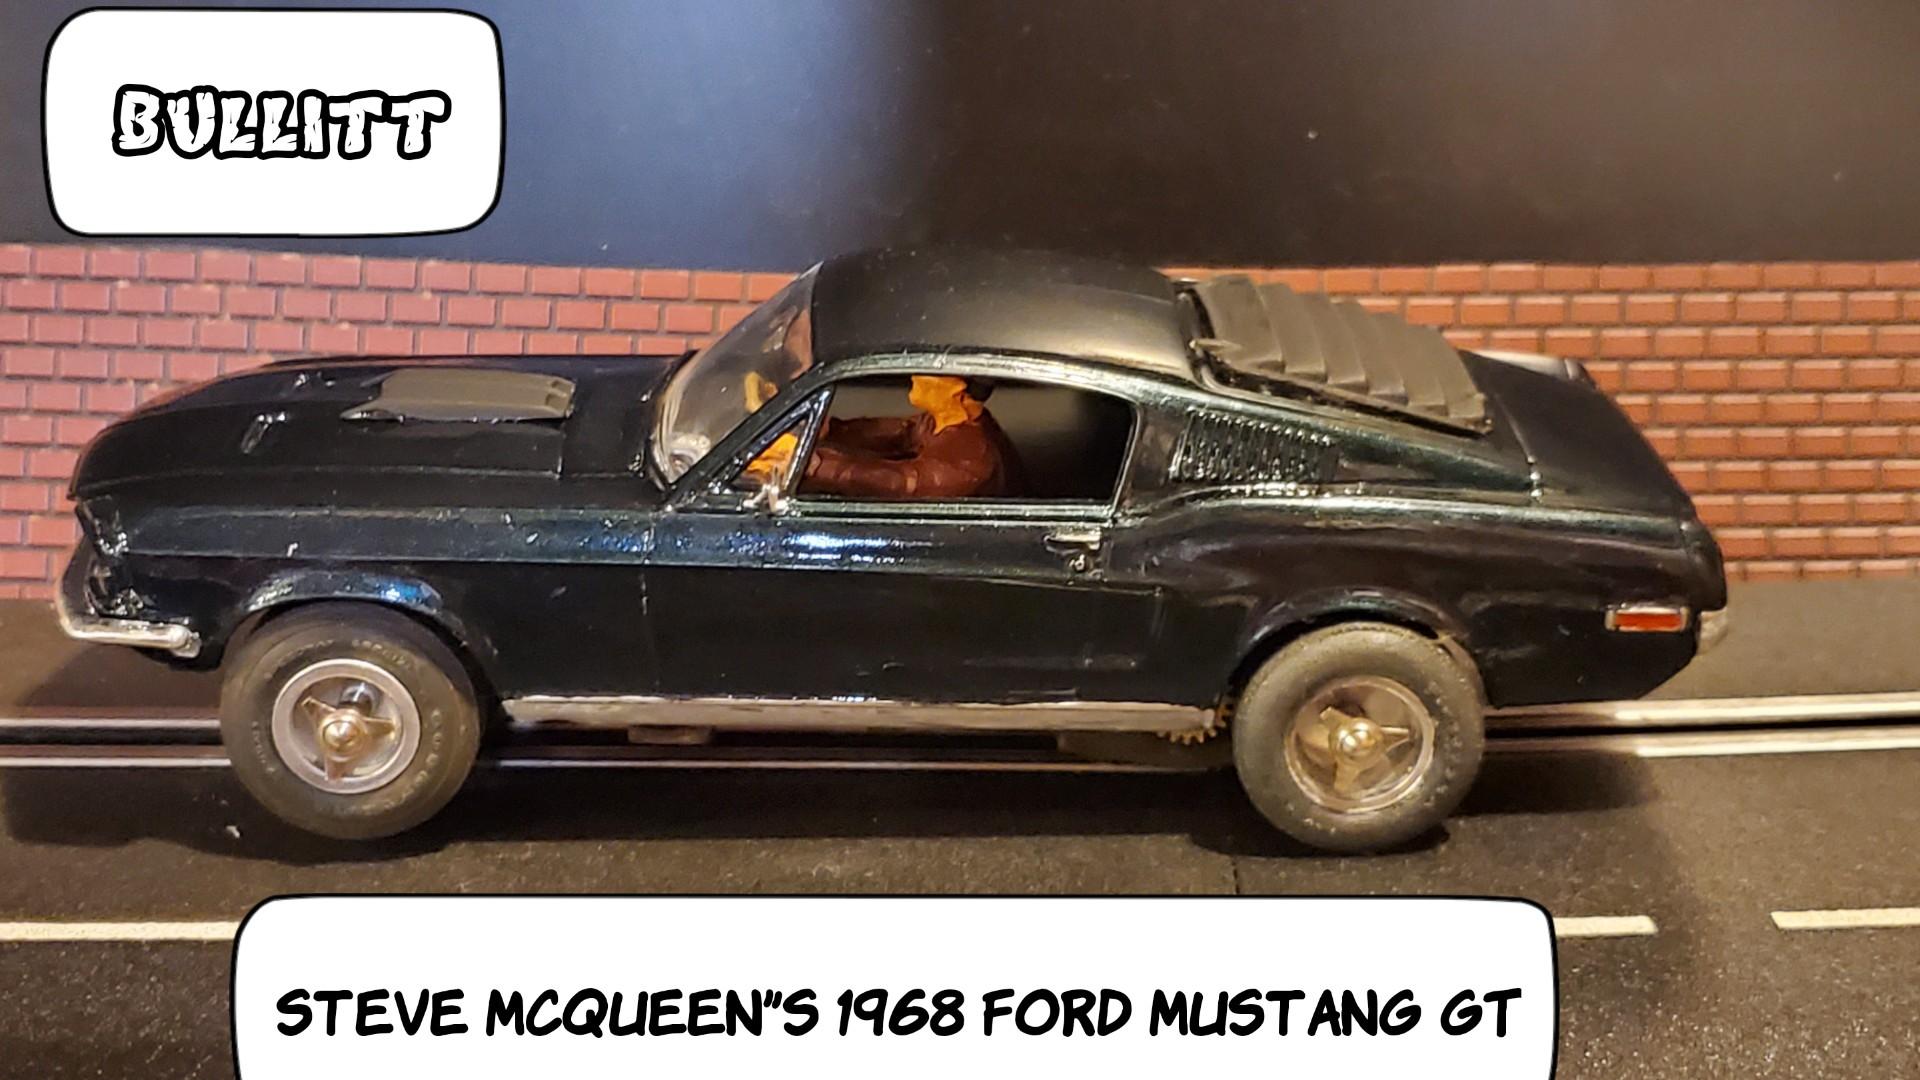 1968 Ford Mustang GT Steve McQueen's Bullitt Slot Car 1:24 Scale